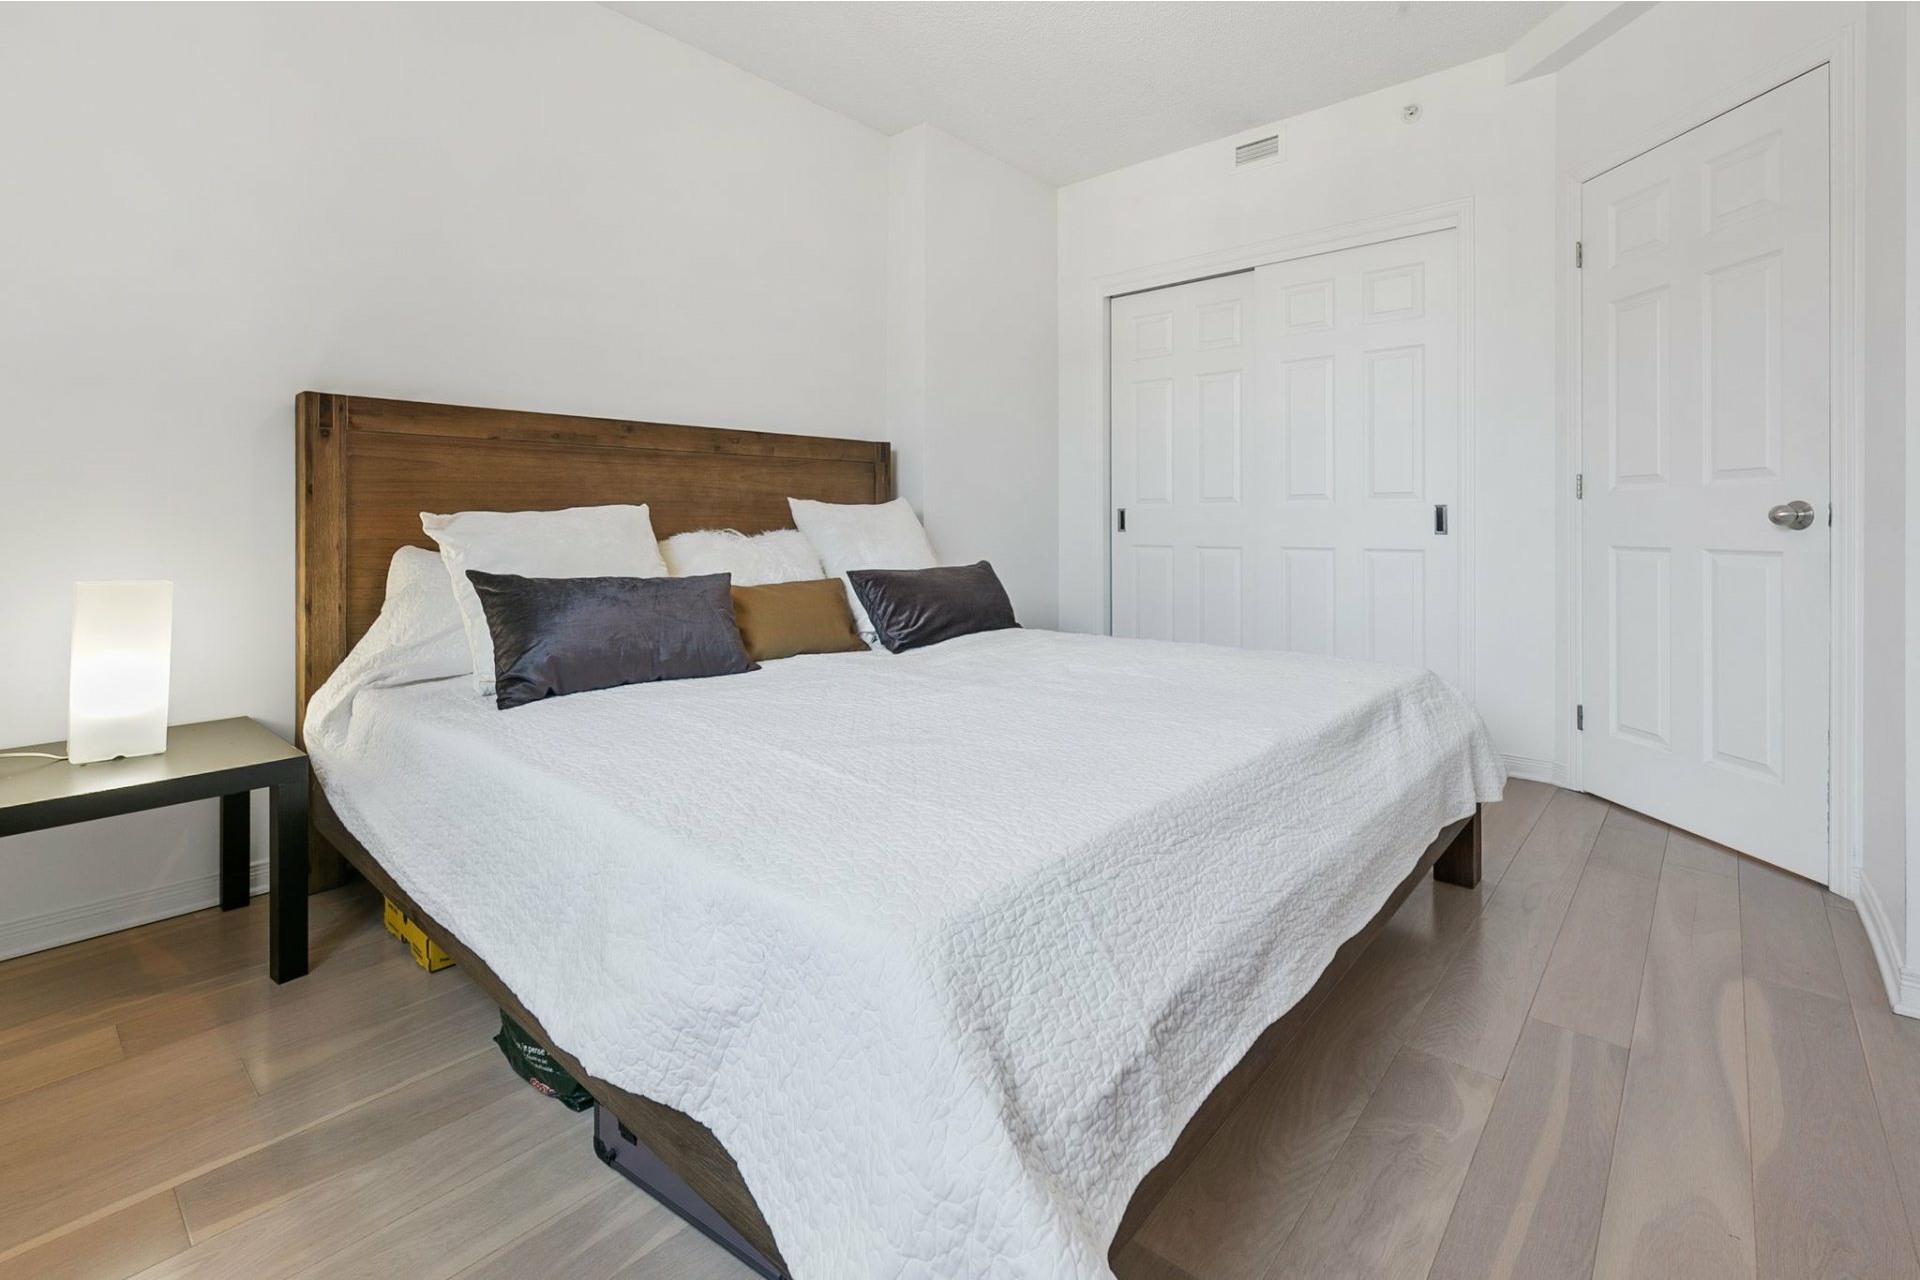 image 8 - Appartement À vendre Côte-des-Neiges/Notre-Dame-de-Grâce Montréal  - 6 pièces